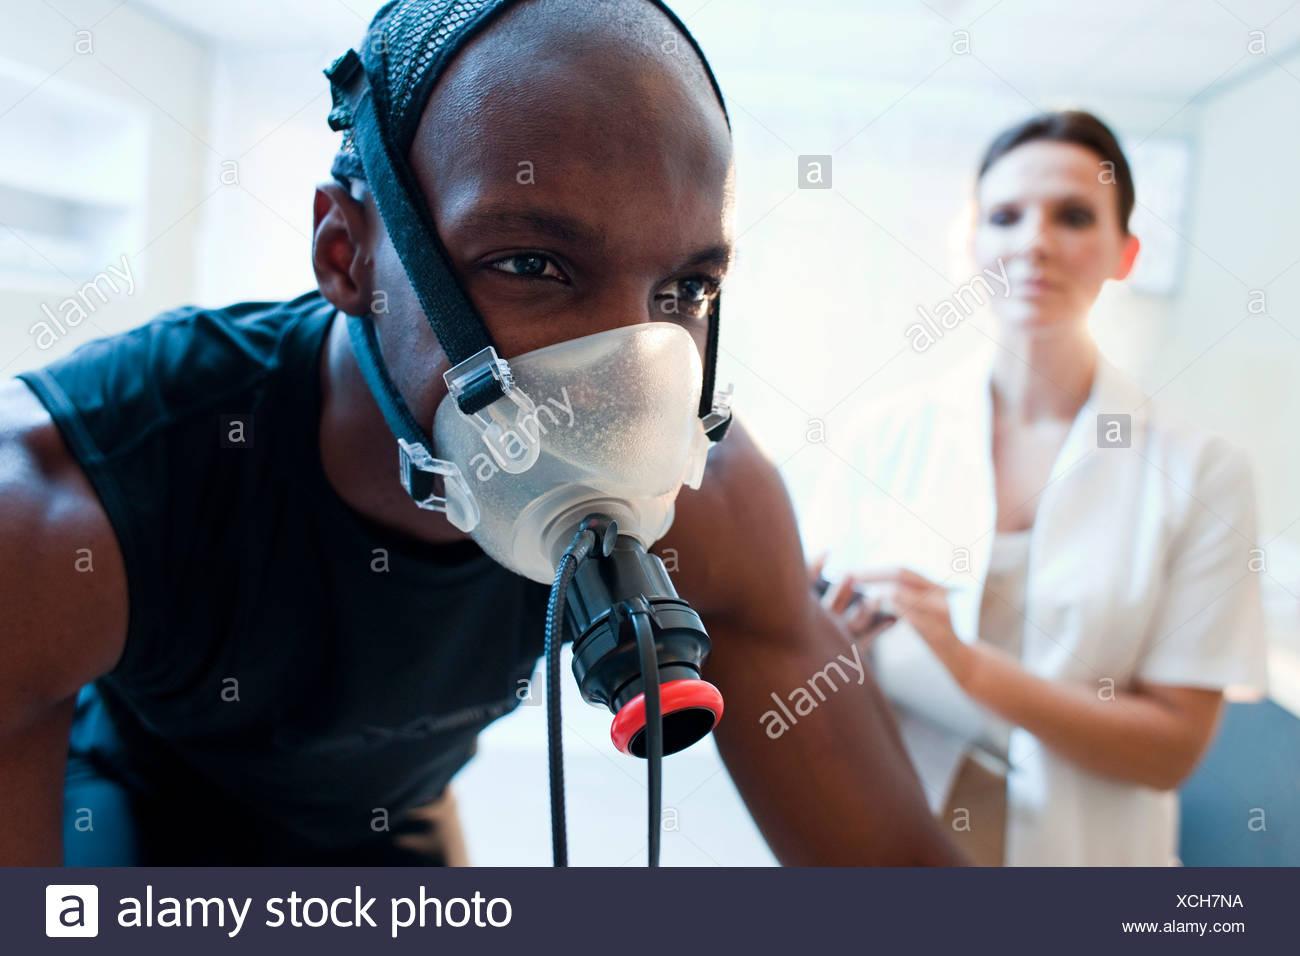 Pruebas de rendimiento liberados modelo deportista montando una bicicleta de ejercicio mientras su rendimiento y el consumo de oxígeno se miden Imagen De Stock